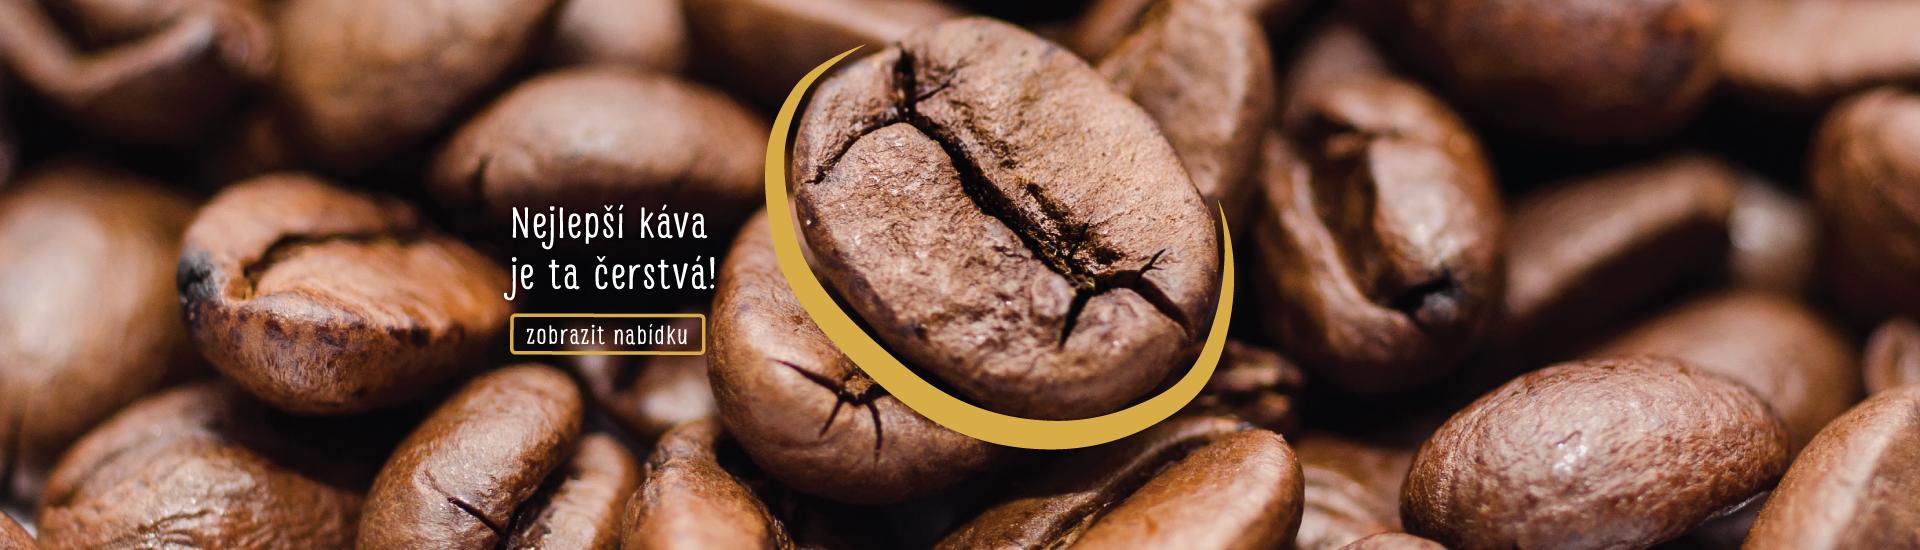 nejlepší káva je ta čerstvá